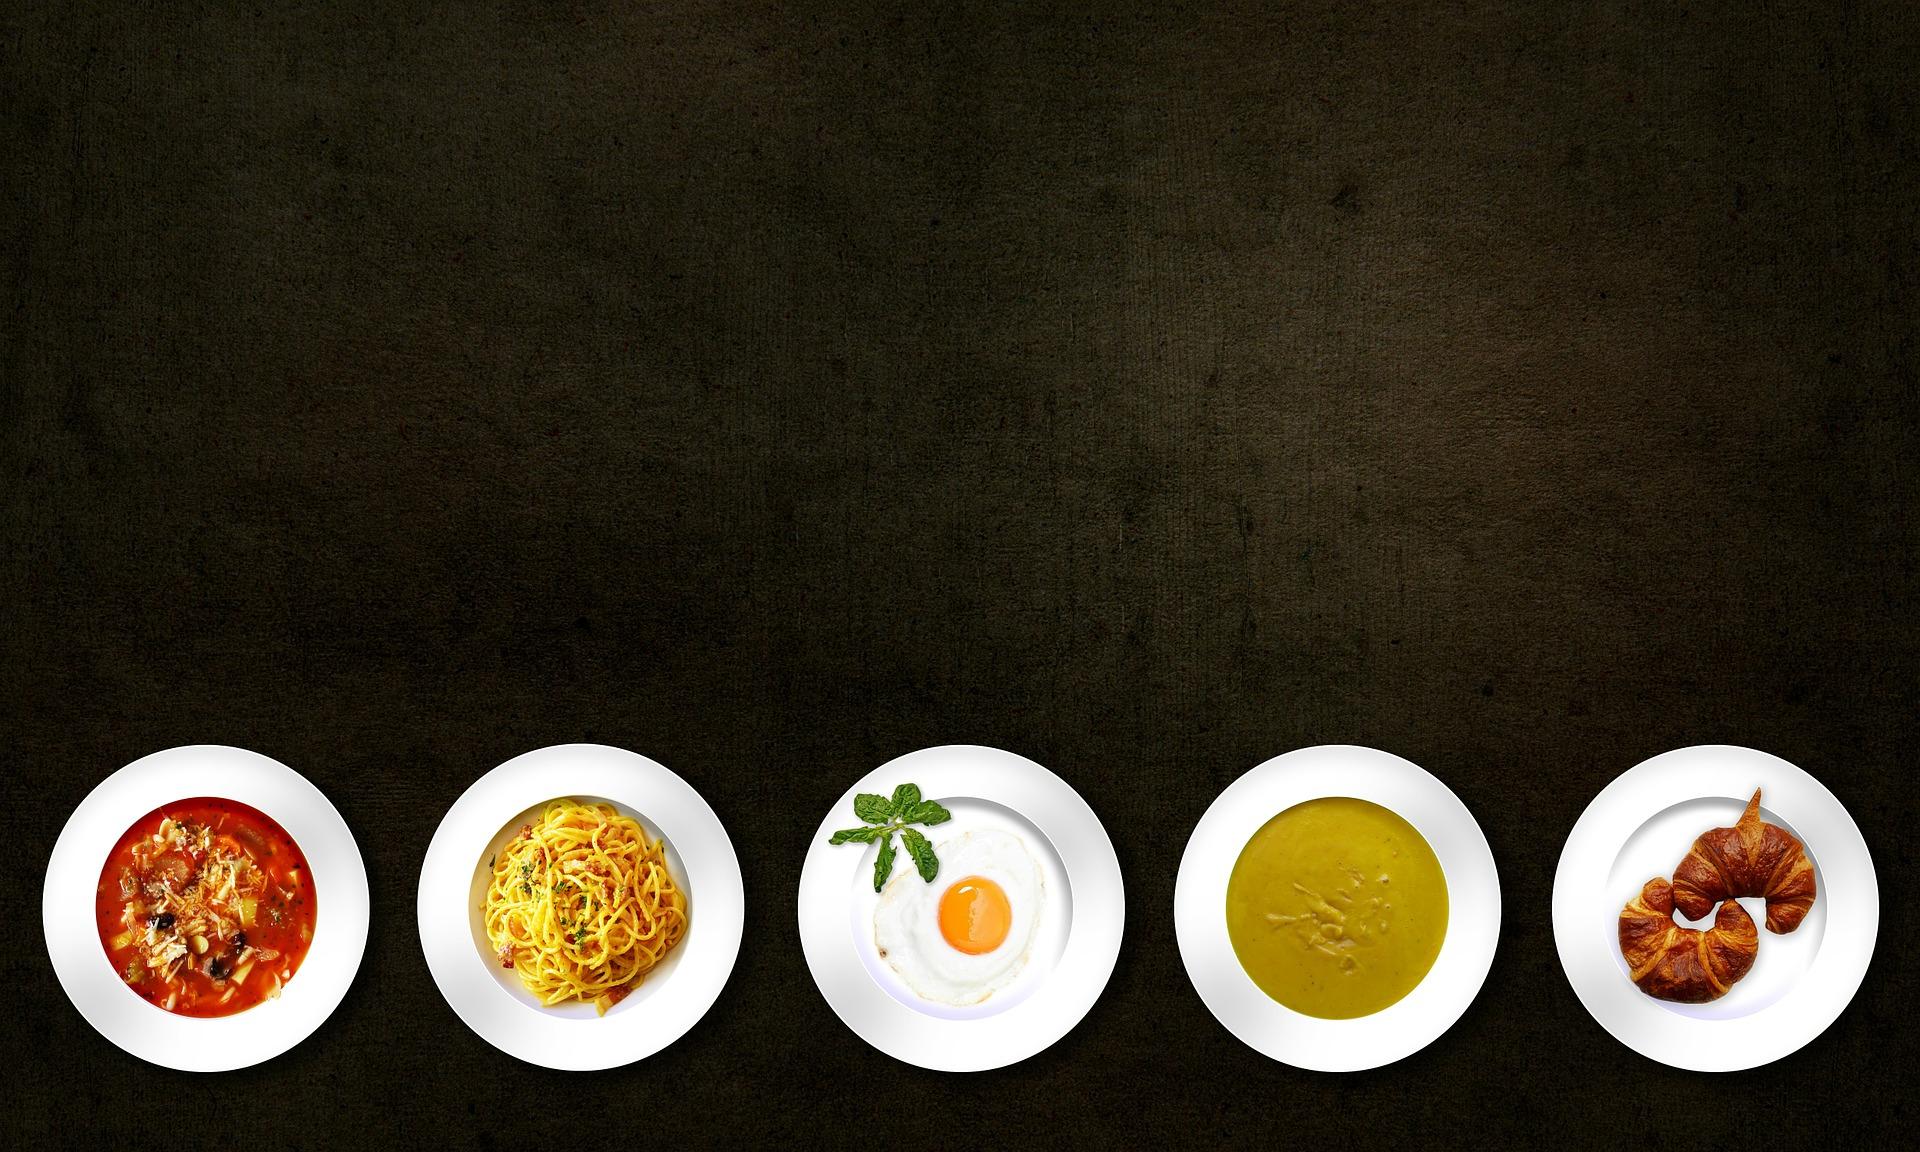 有楽町のランチ土日のおすすめ15選!ゆっくりできるカフェや安いお店も調査!